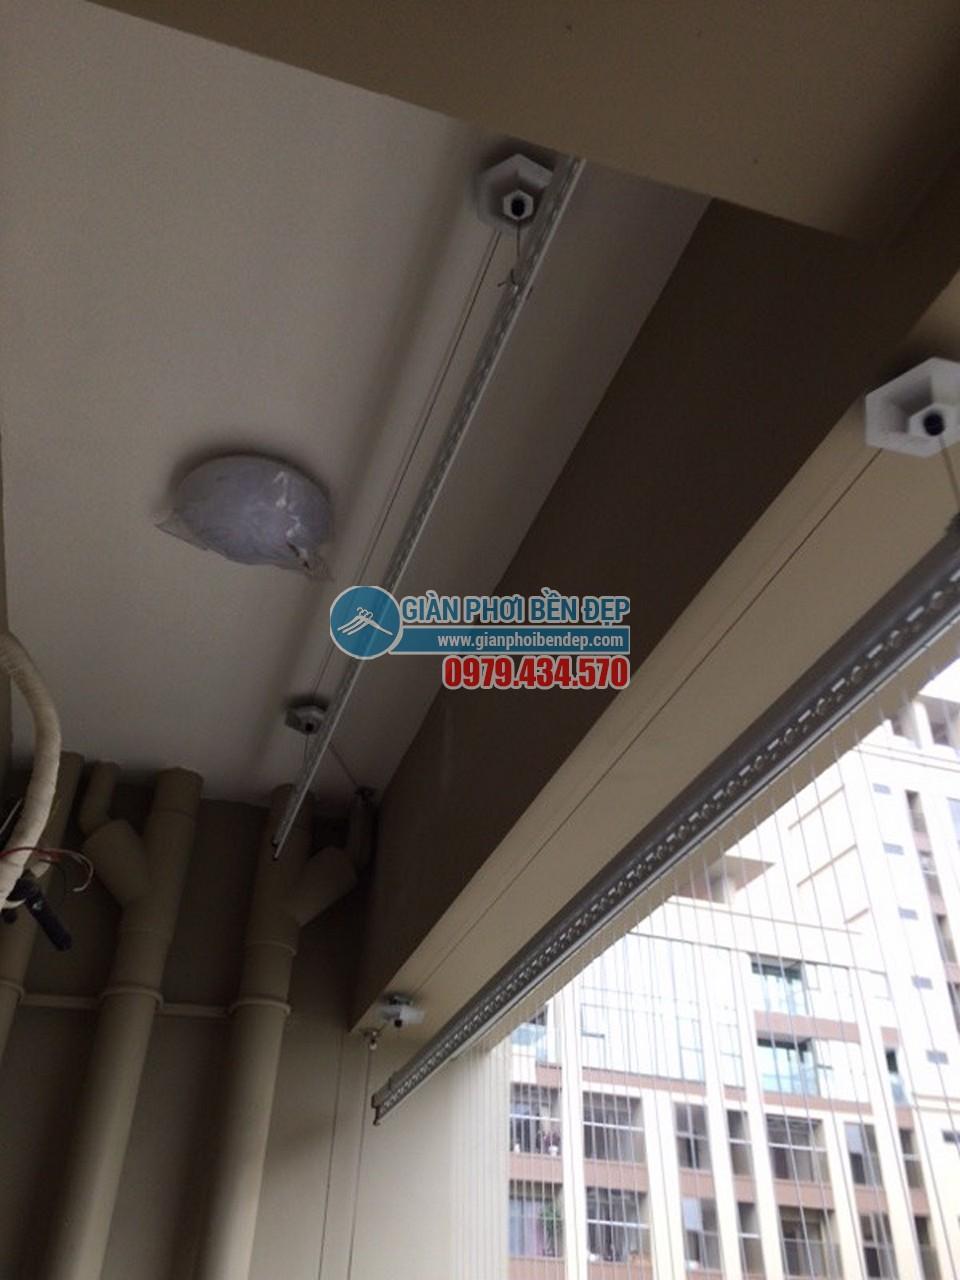 Hoàn thiện lắp đặt giàn phơi thông minh tại ban công nhà chị Mai, Home City - 03